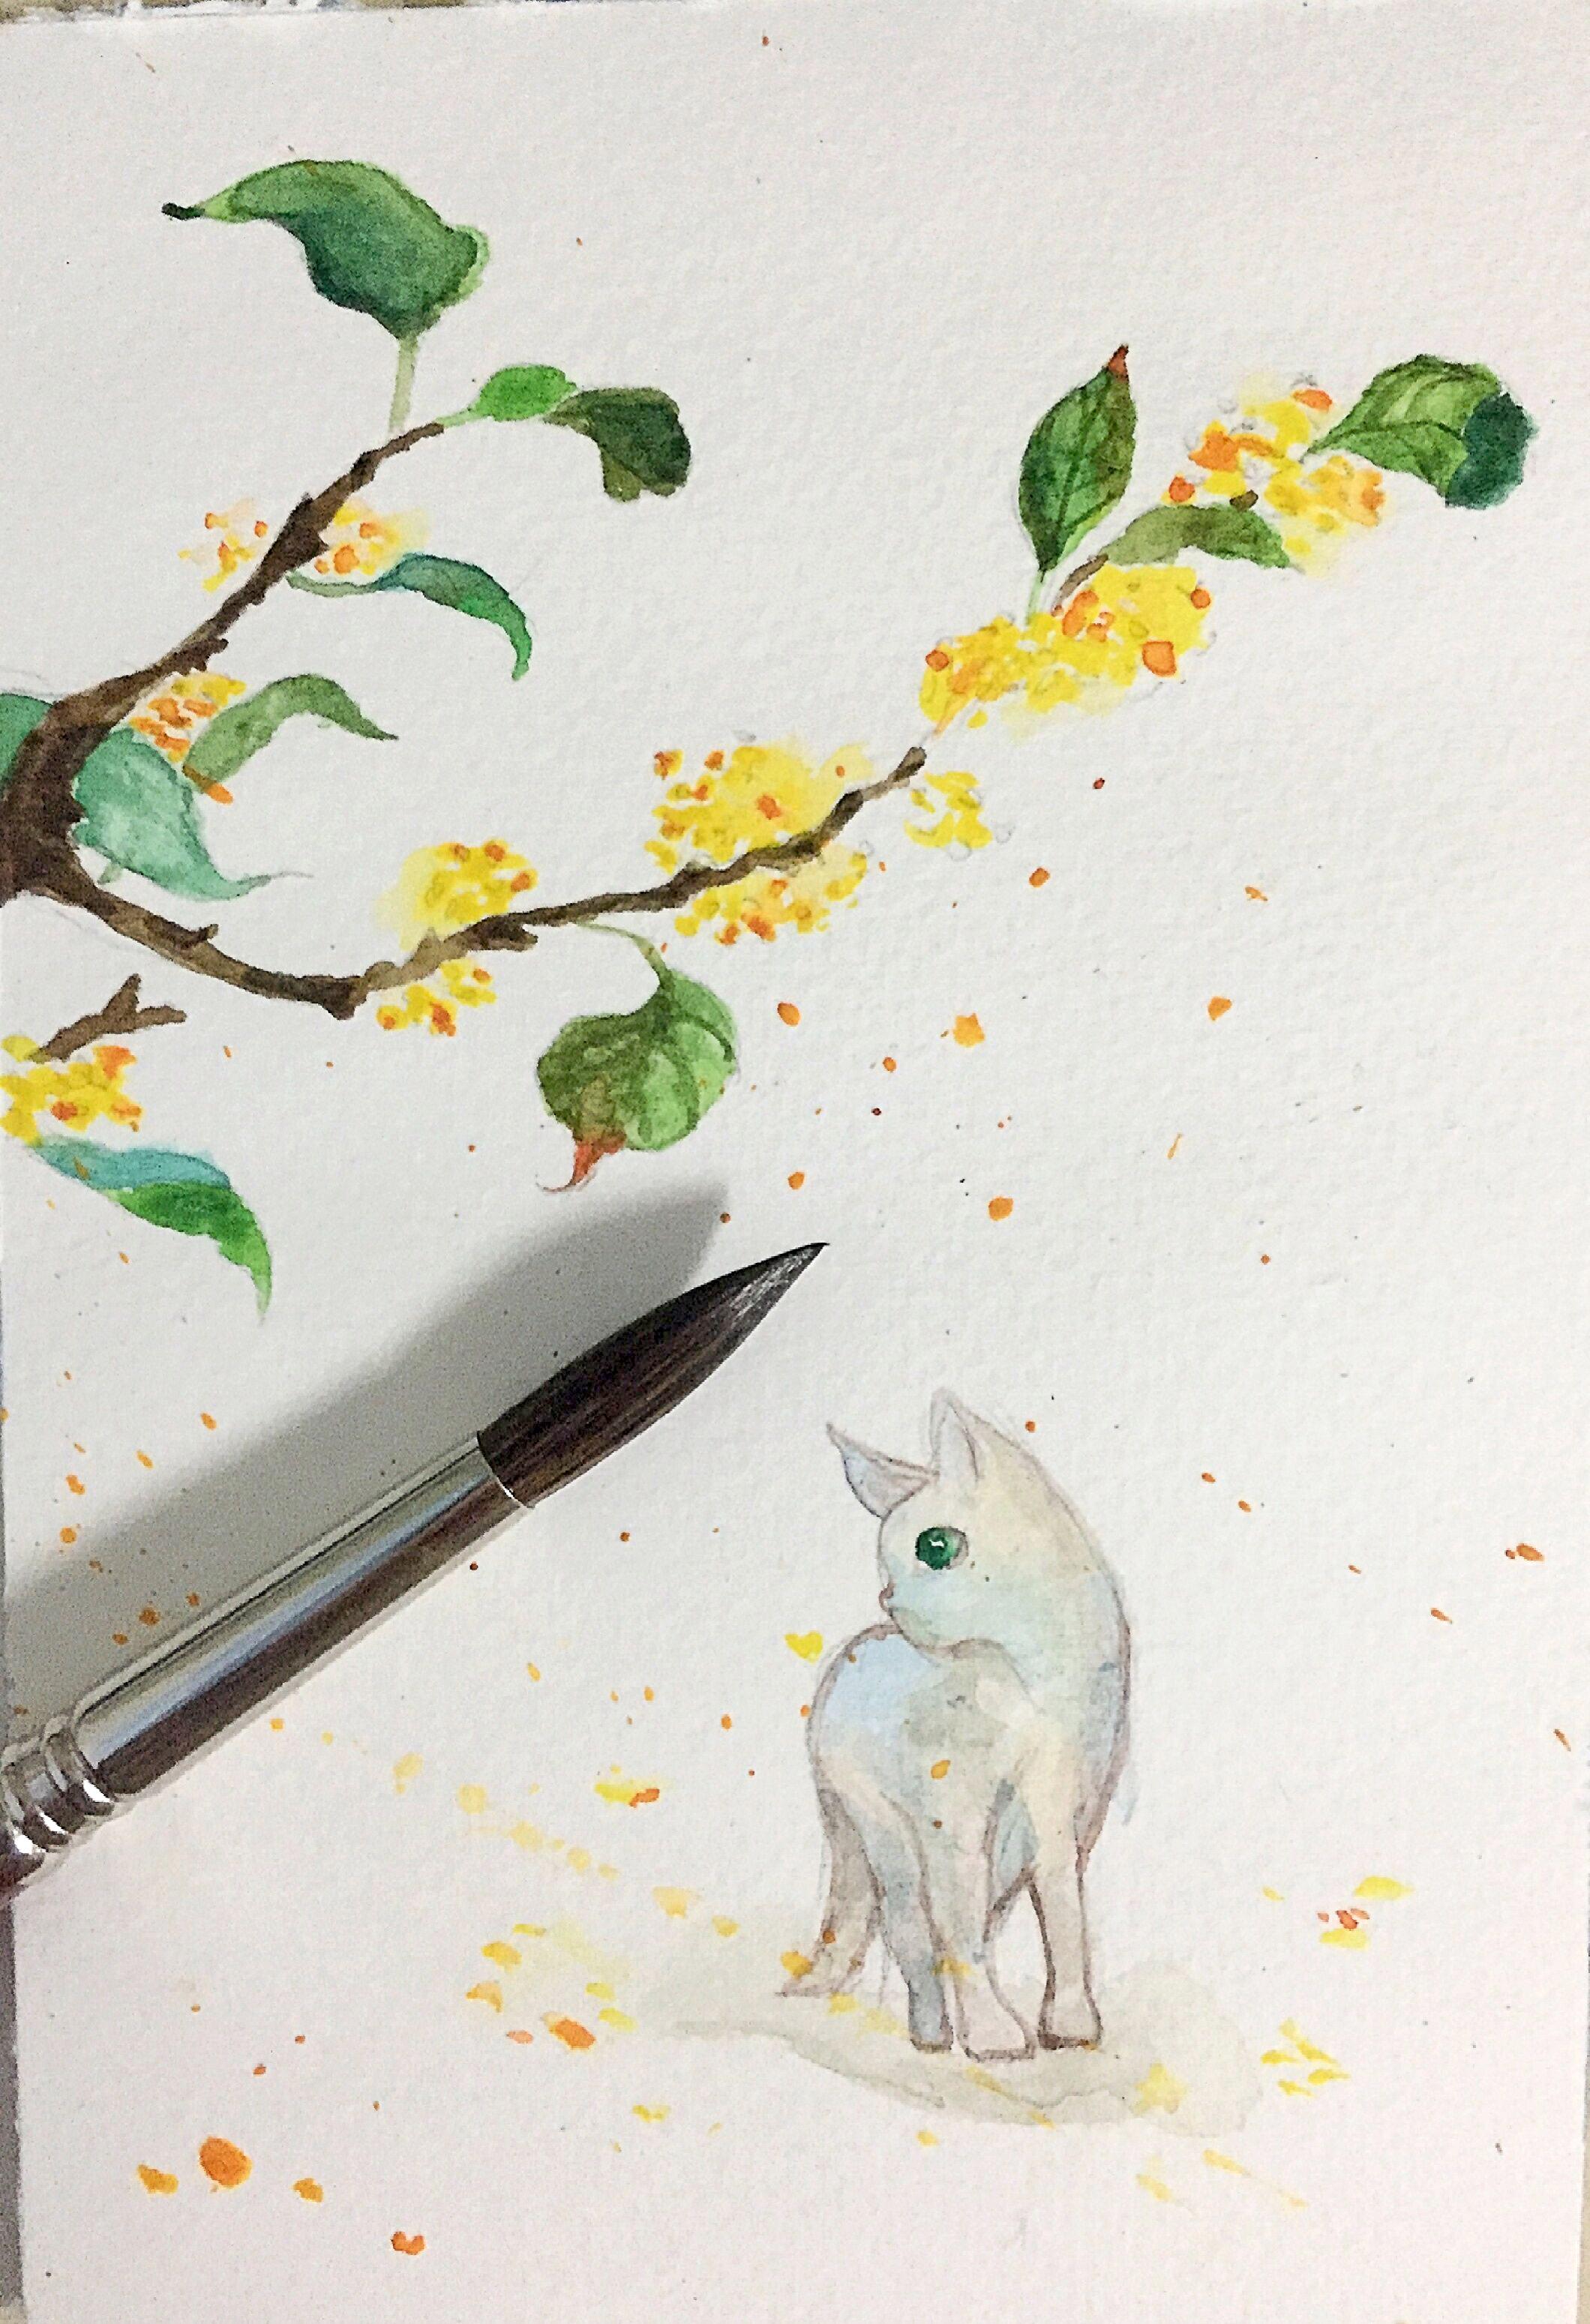 水彩手绘练习-桂香